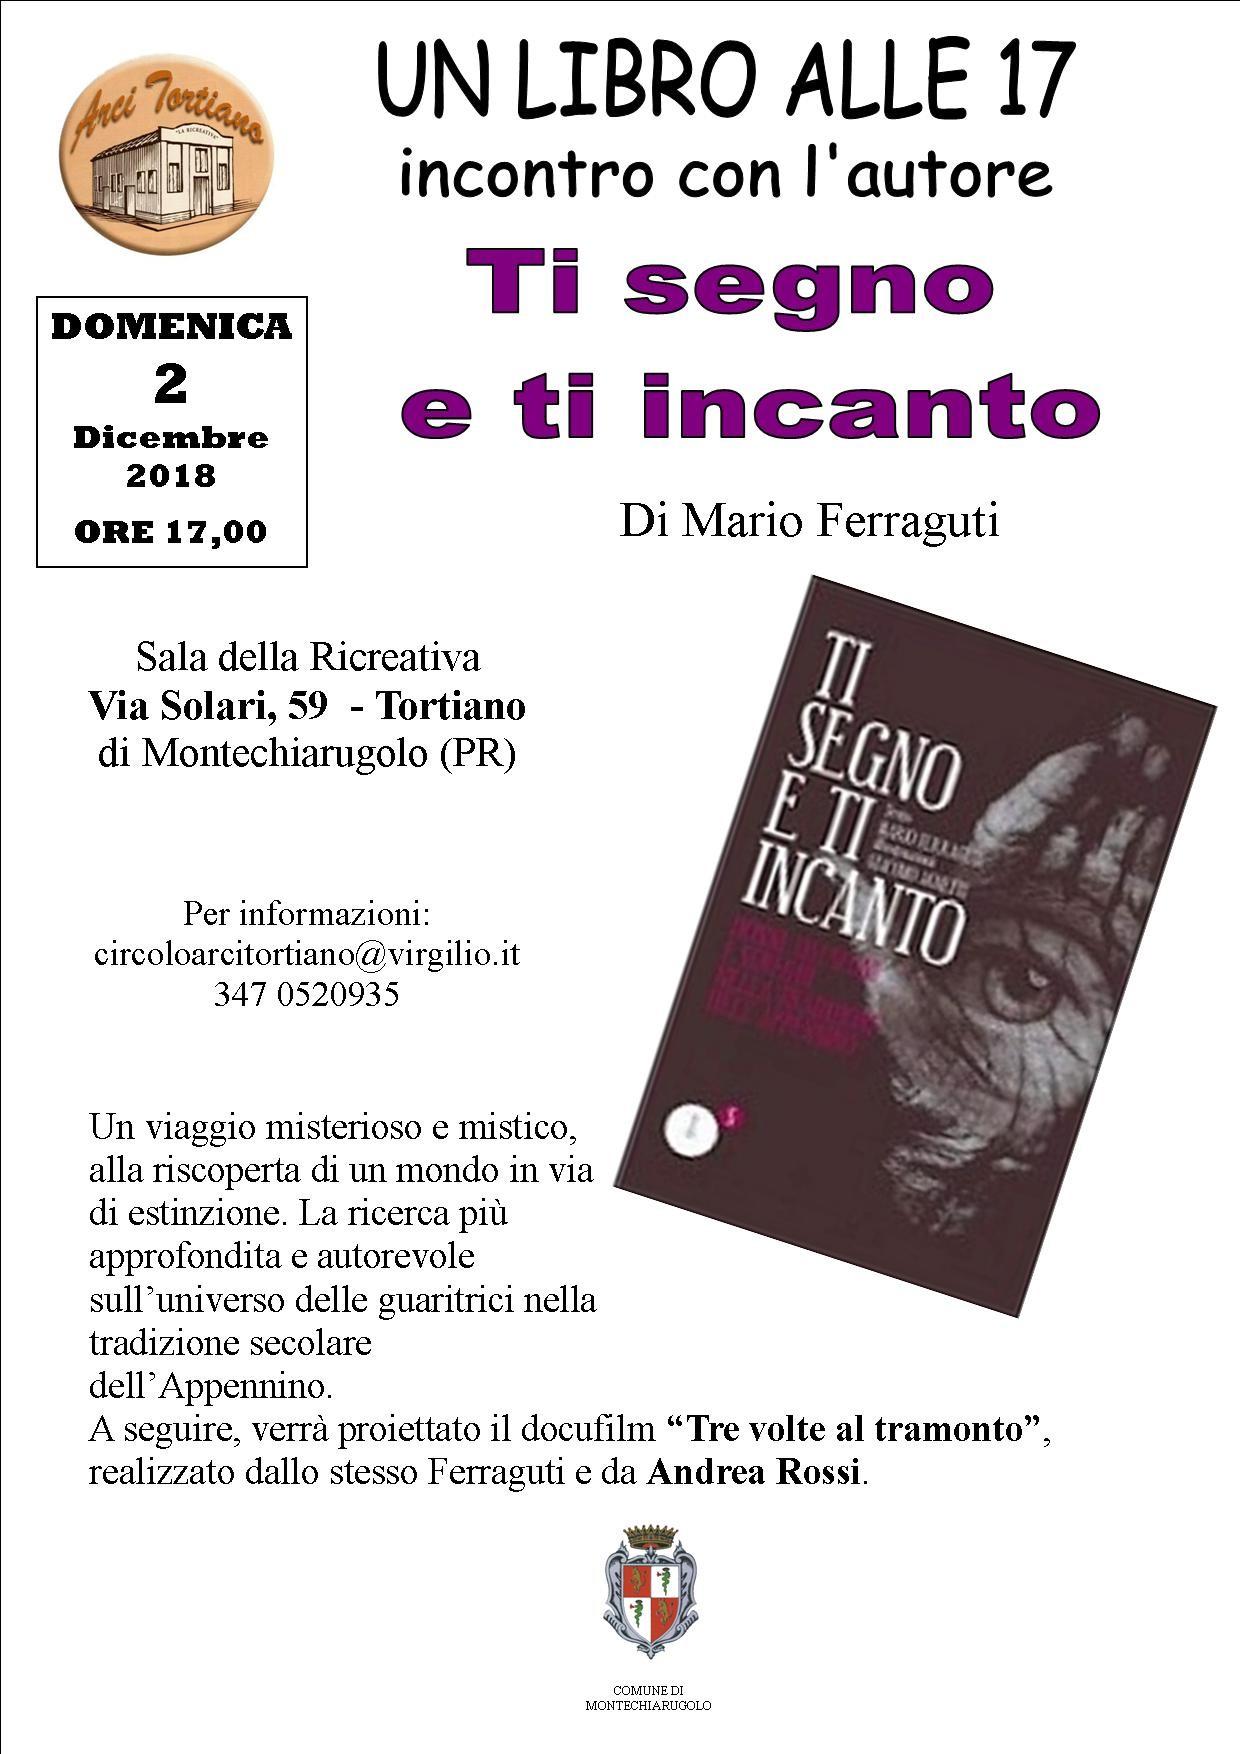 UN LIBRO ALLE 17:  TI SEGNO E TI INCANTO di Mario Ferraguti